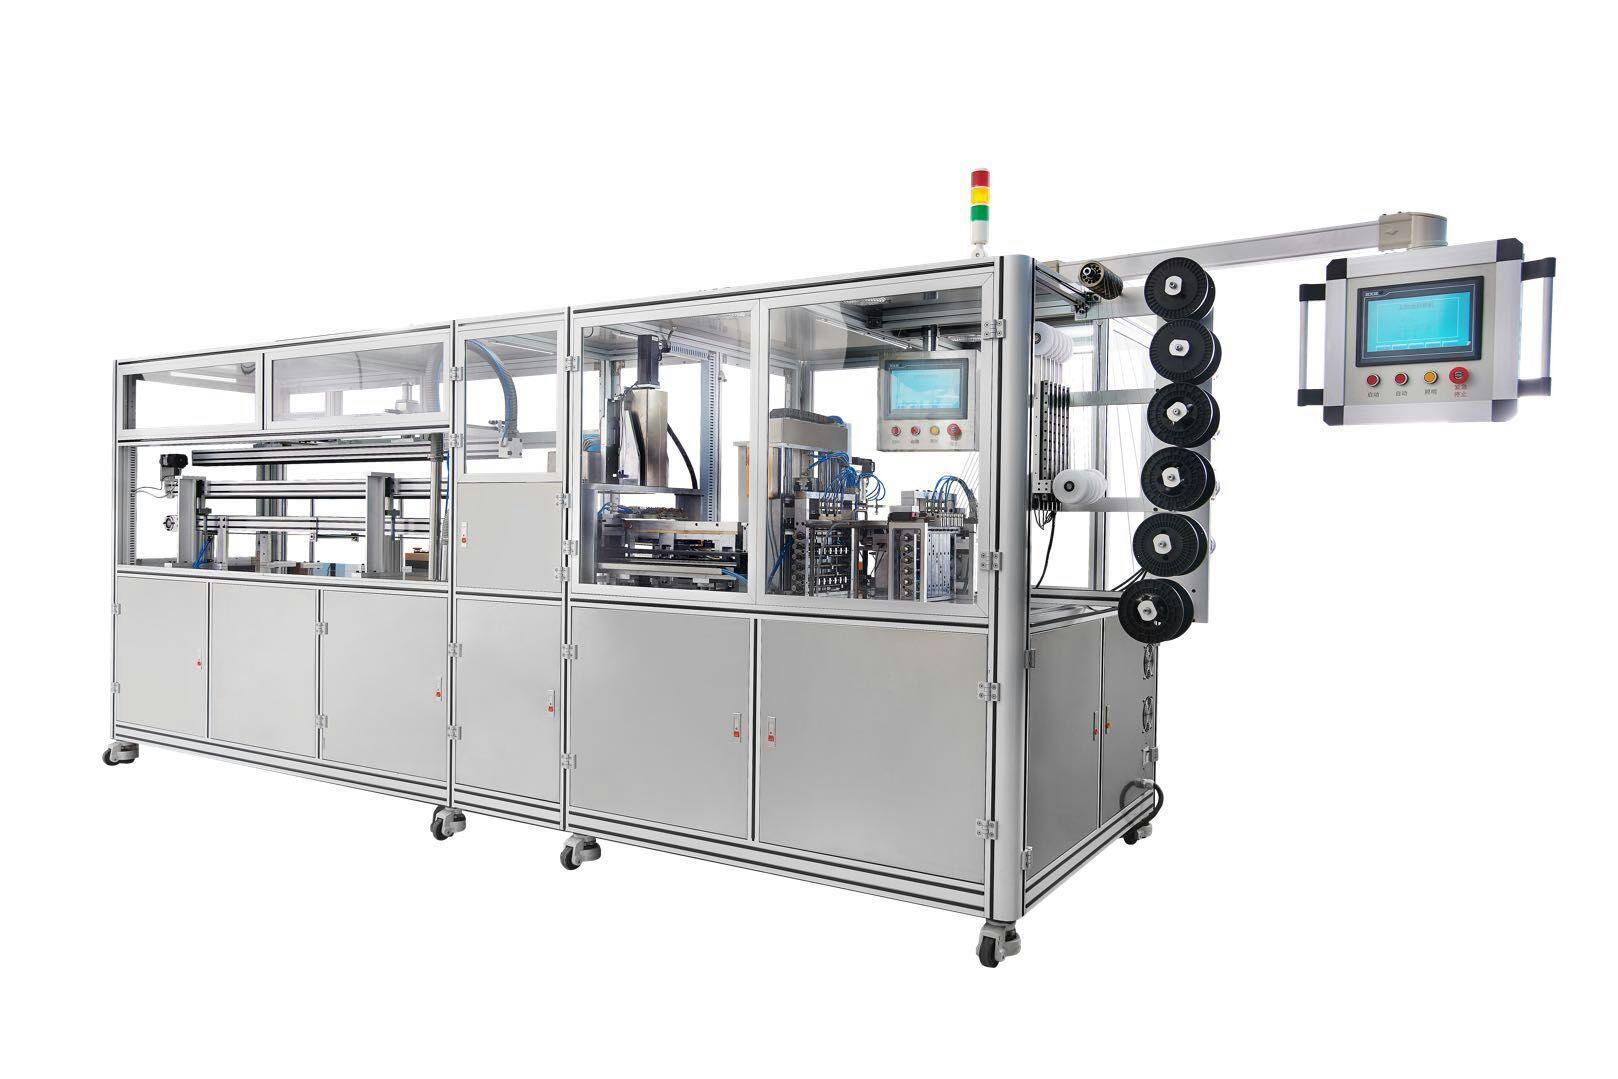 质量好的太阳能串焊机_红海新机电供应价格合理的太阳能串焊机